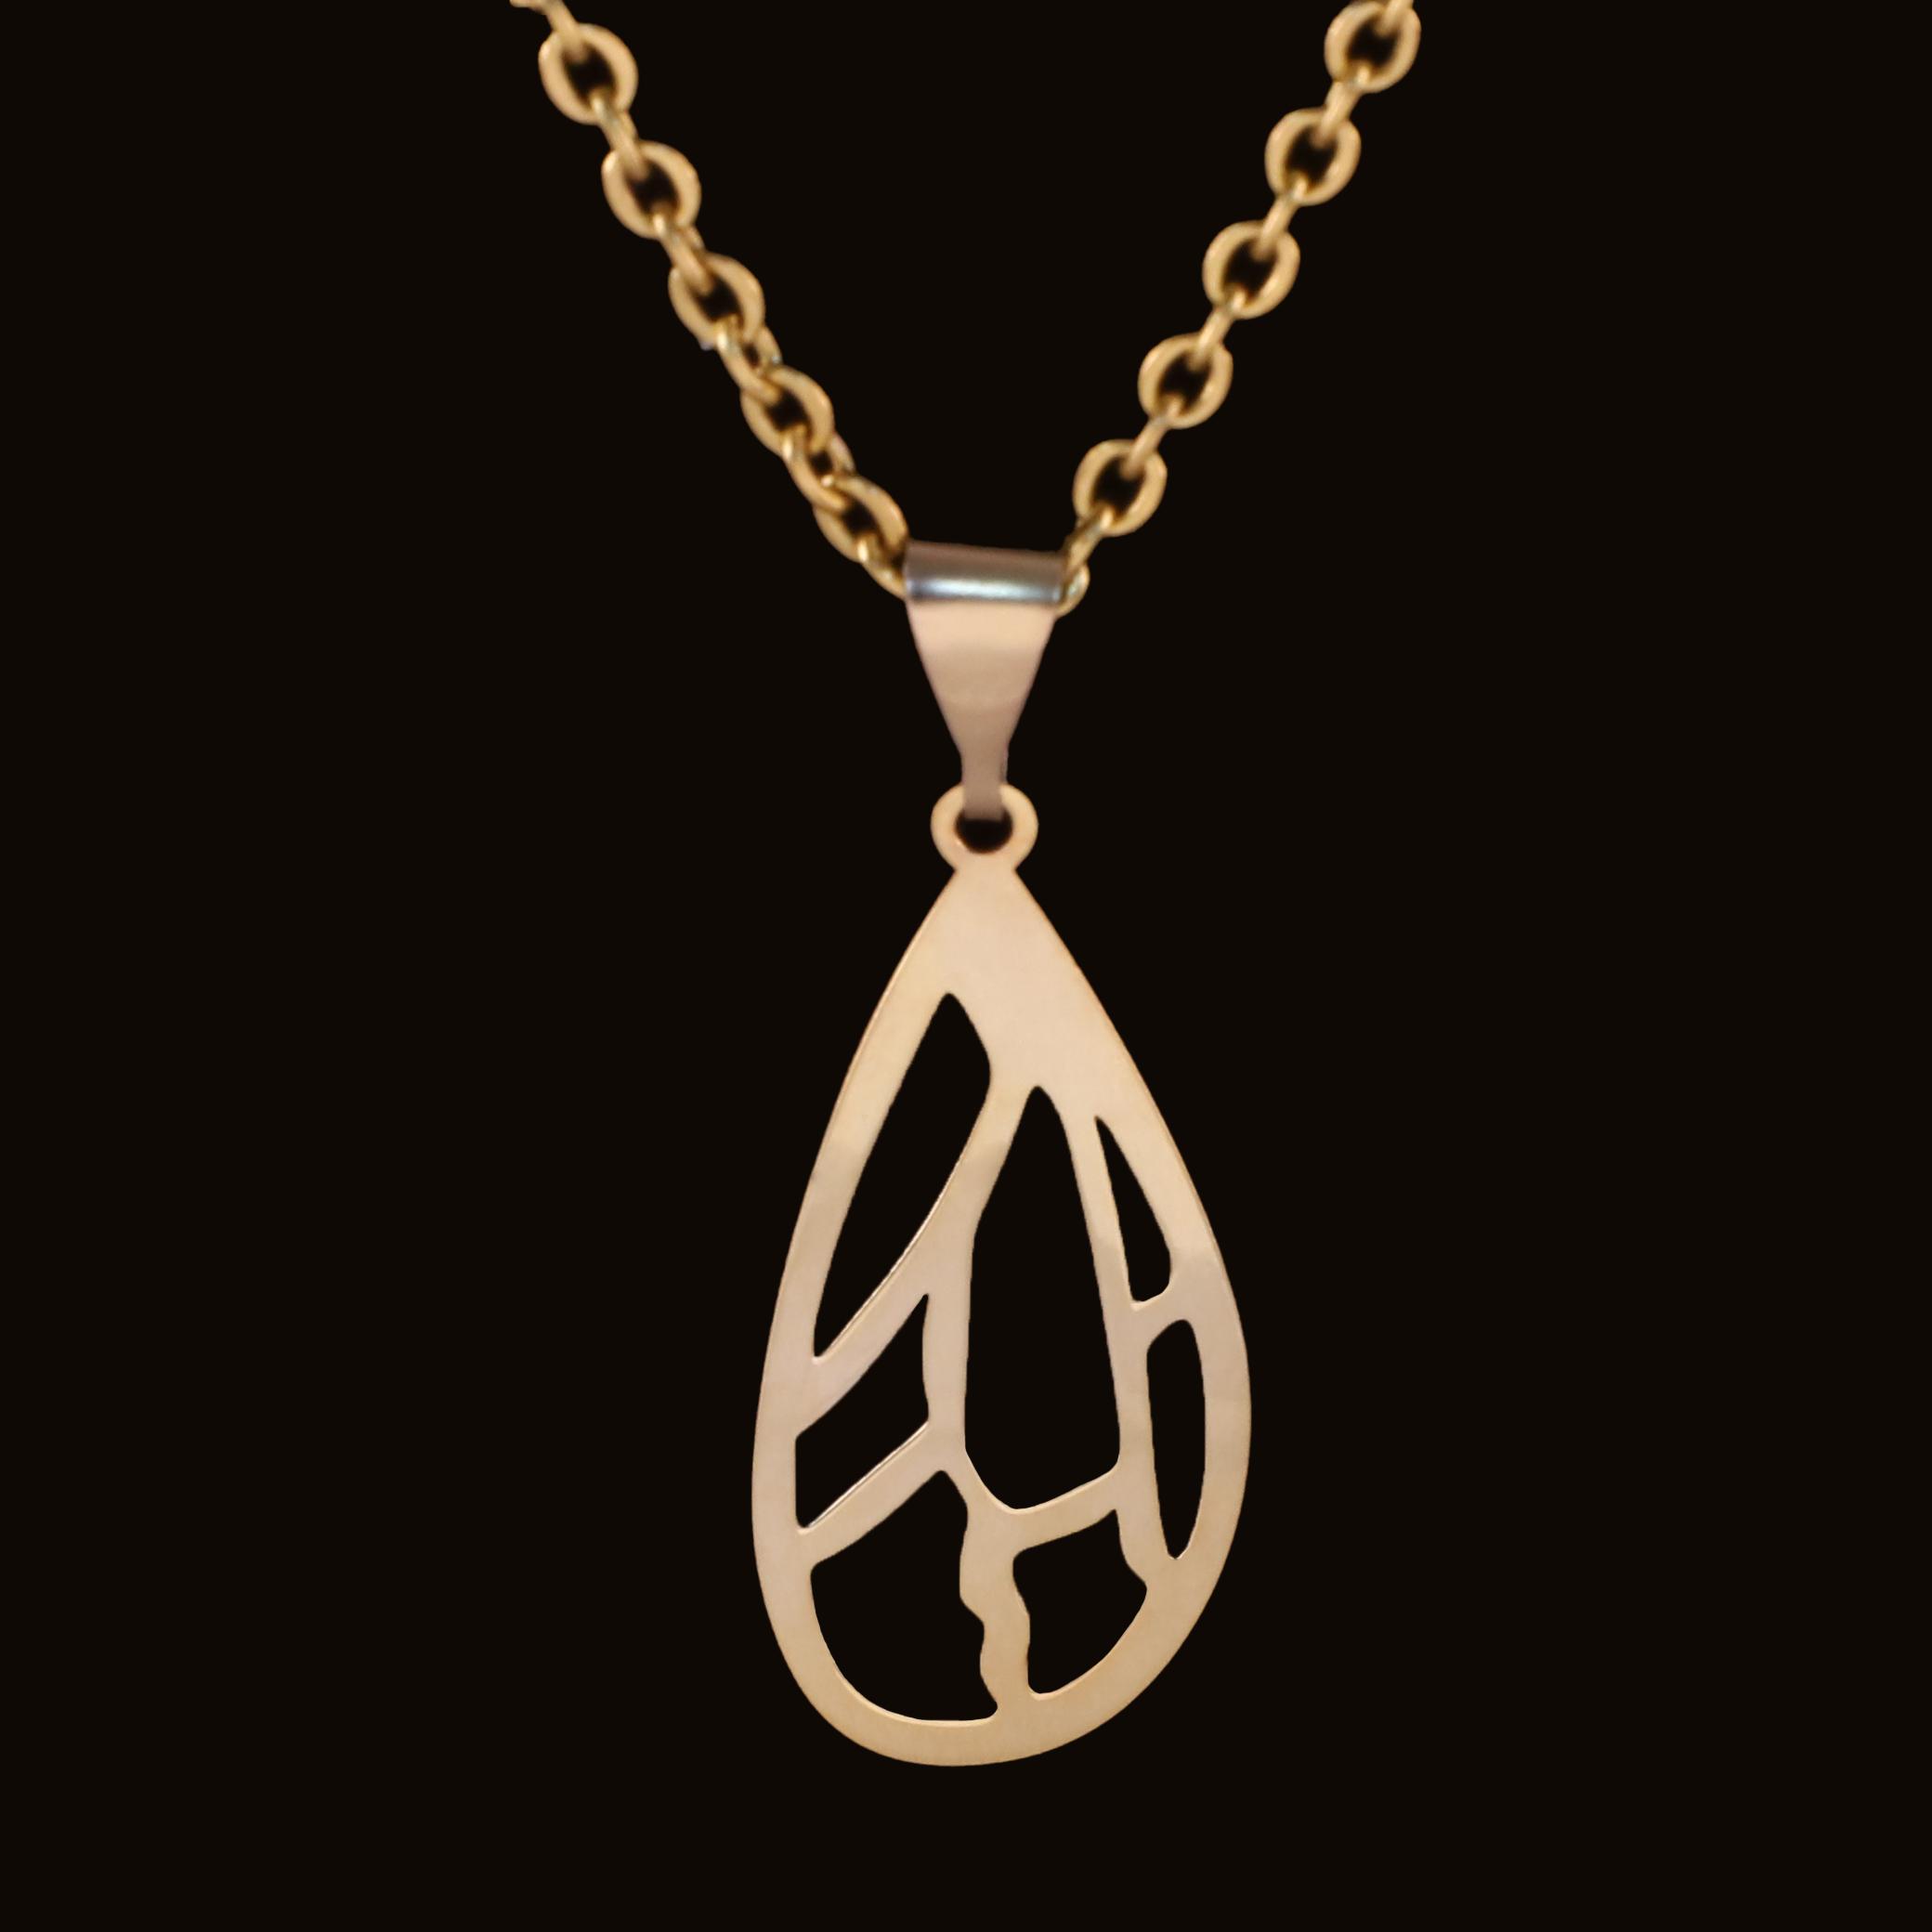 گردنبند طلا 18 عیار زنانه آمانژ کد D10031